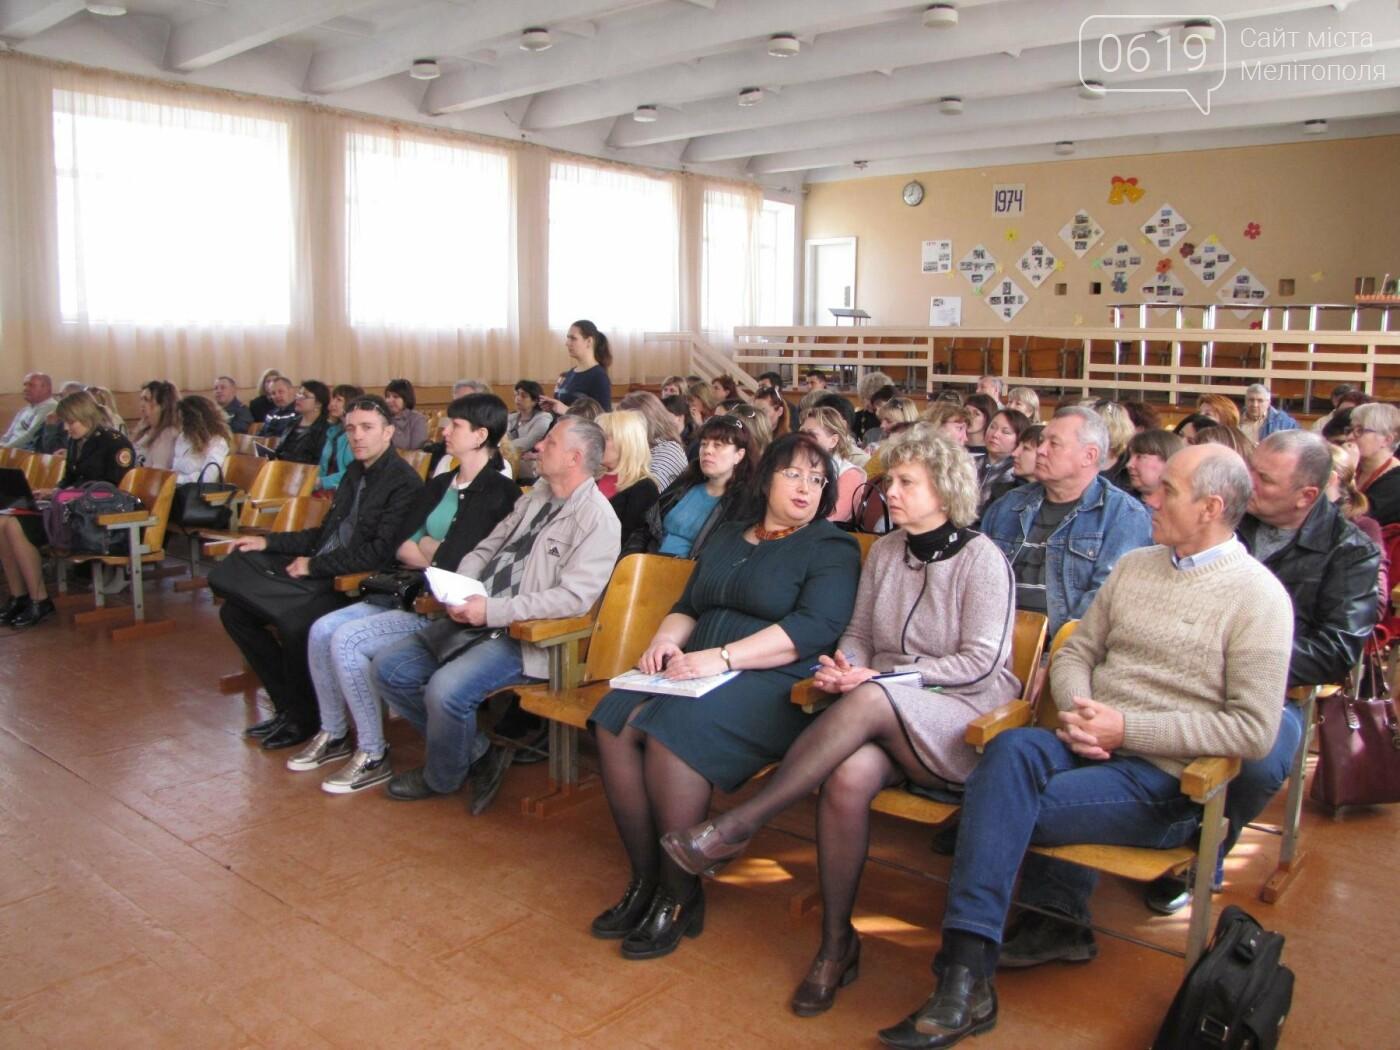 Мелитопольским учителям и воспитателям напомнили о правилах пожарной безопасности , фото-6, Фото сайта 0619